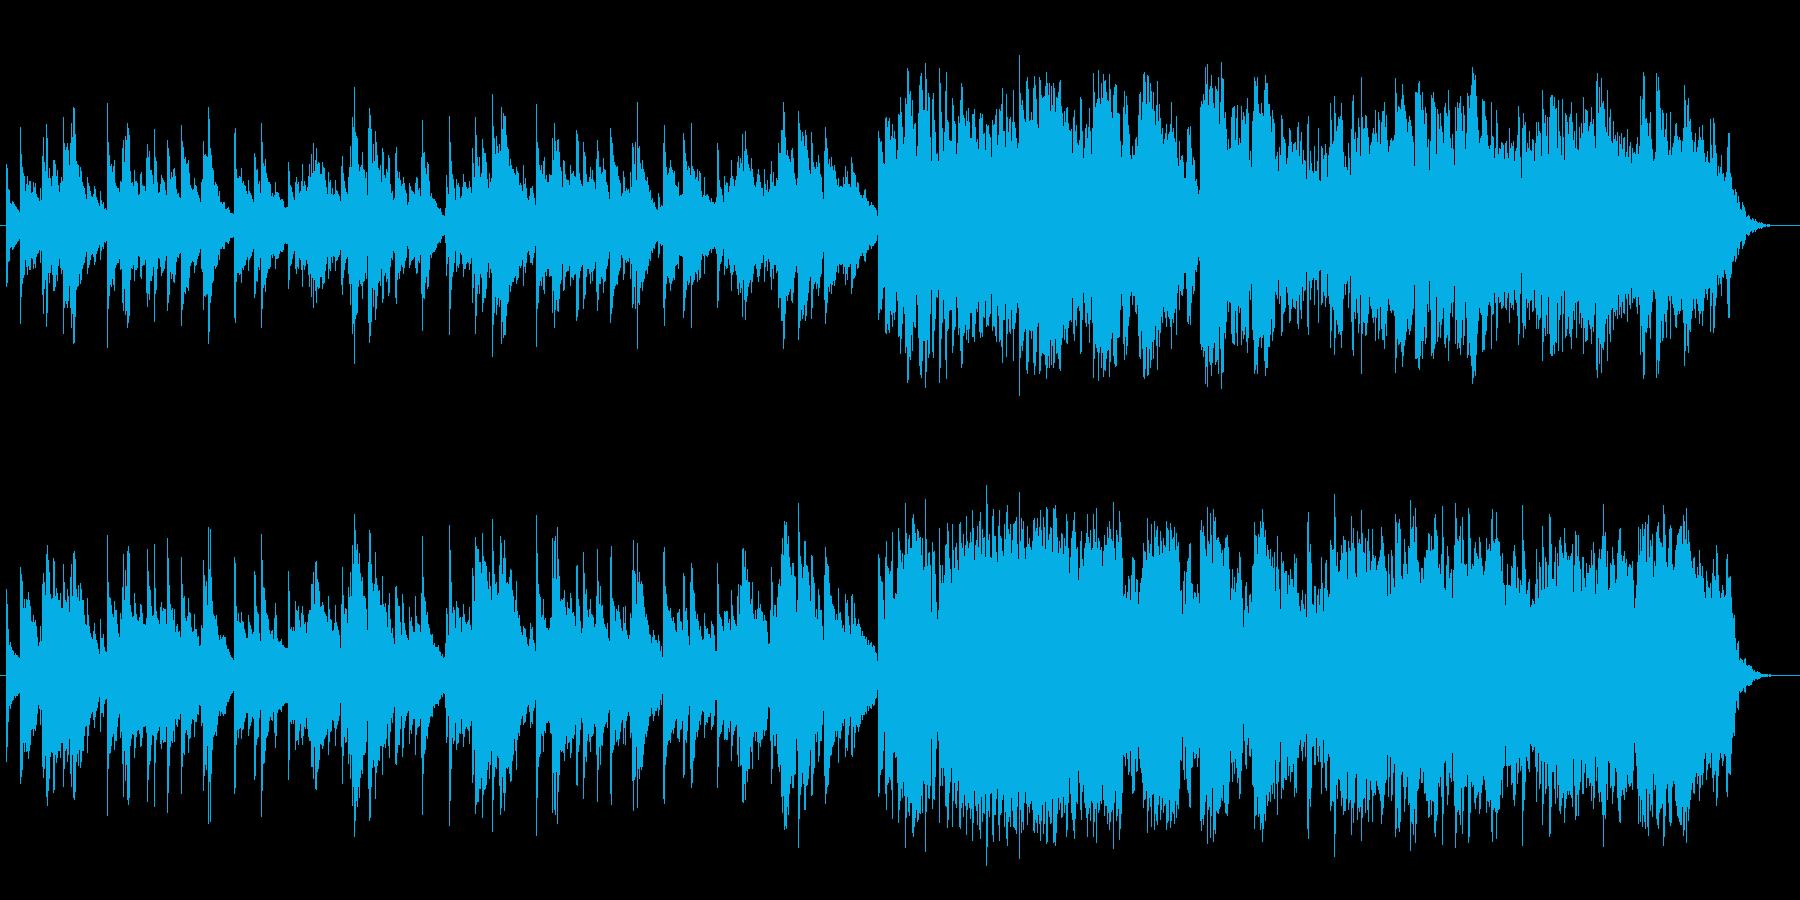 ピアノによる切ないスローバラードの再生済みの波形